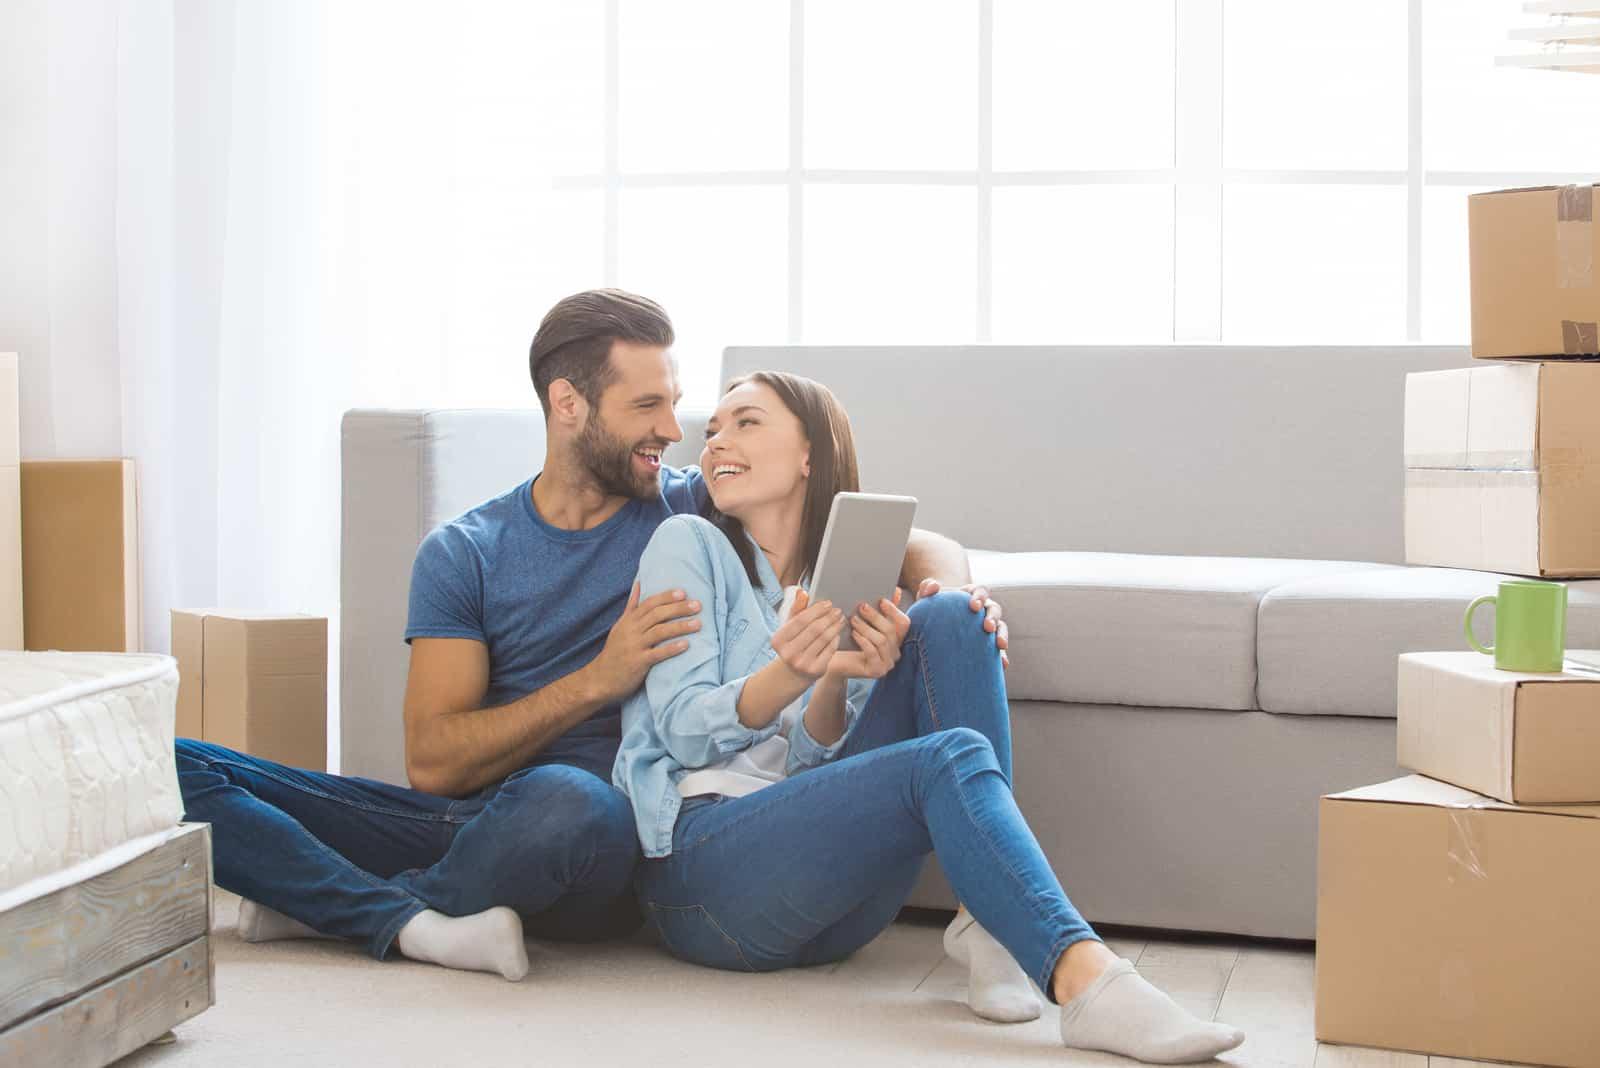 Junges Paar, das zusammen in eine neue Wohnung umzieht